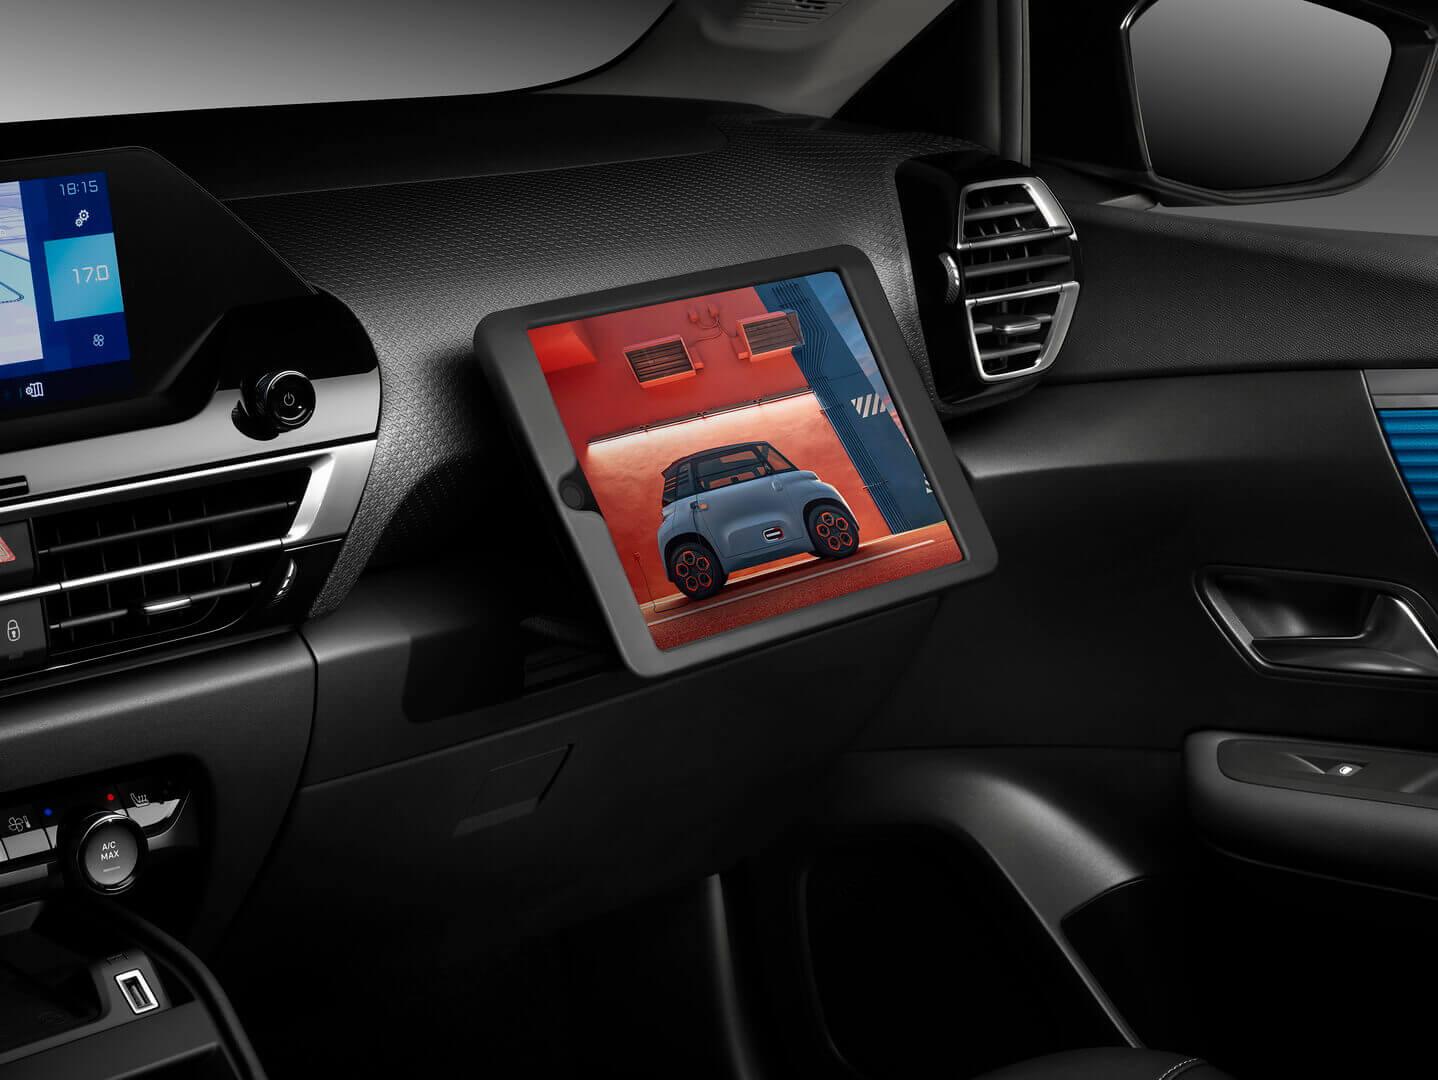 Специальный держатель для планшета настороне пассажира